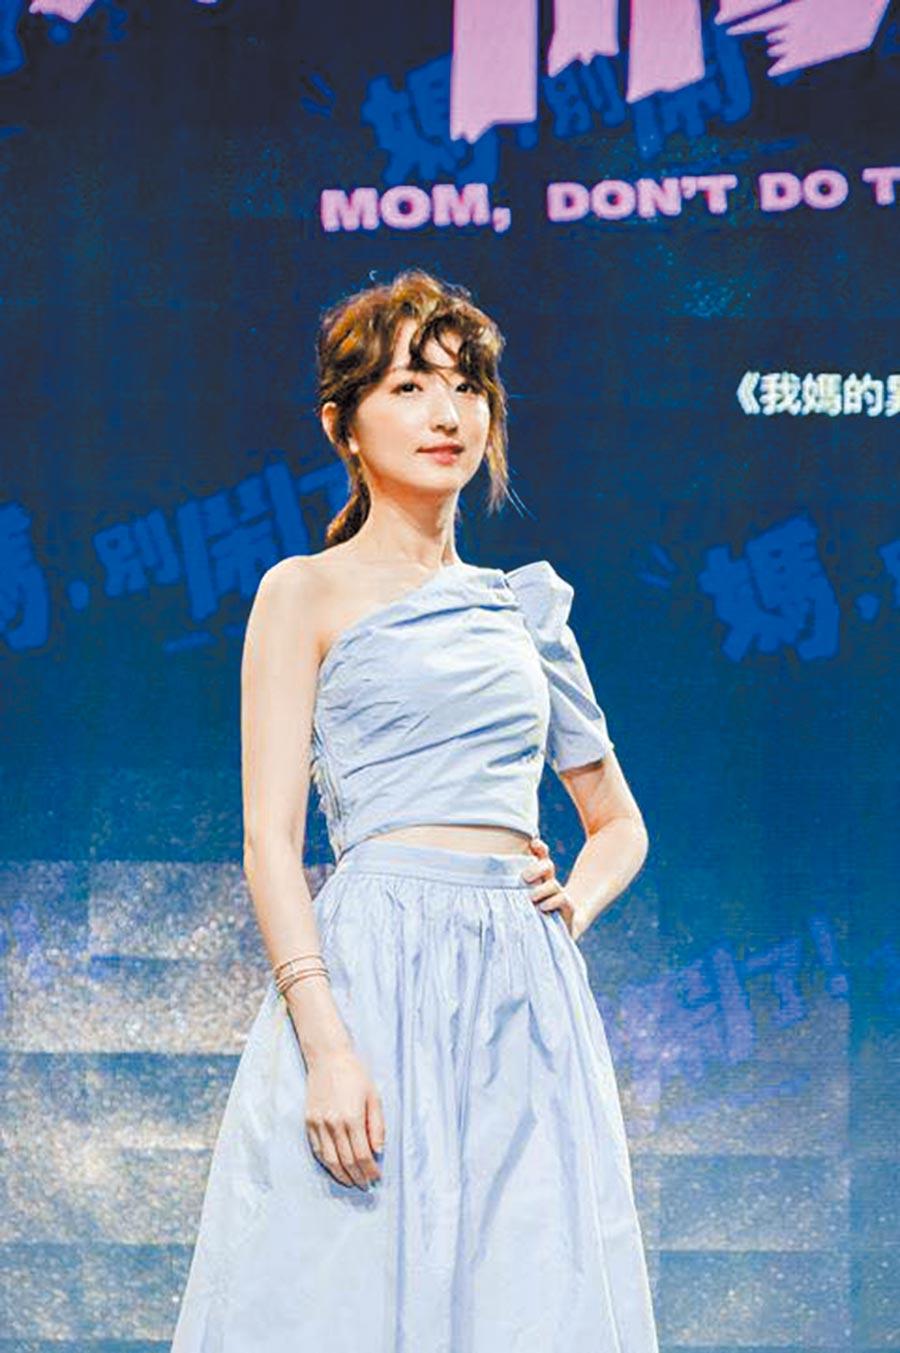 女星柯佳嬿身穿Maje 2020春夏系列出席活動,展現法式時尚。斜肩上衣8120元,傘狀裙1萬440元。(截取自柯佳嬿IG)